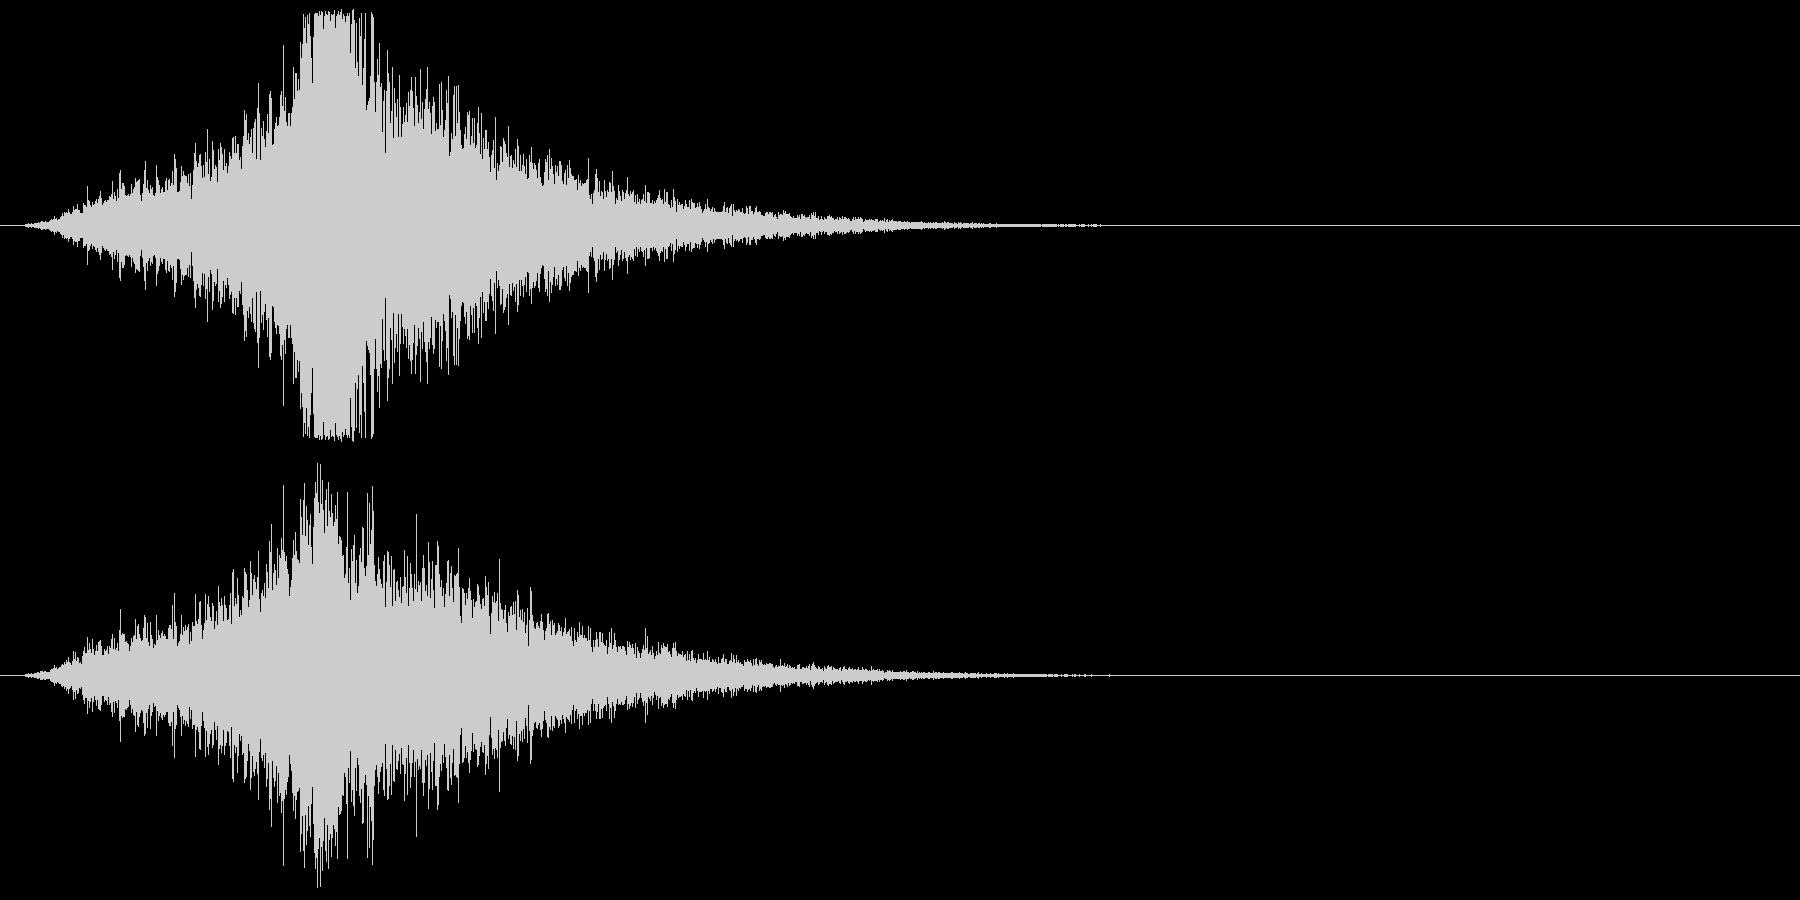 宇宙船・飛翔体#3通過 中央の未再生の波形